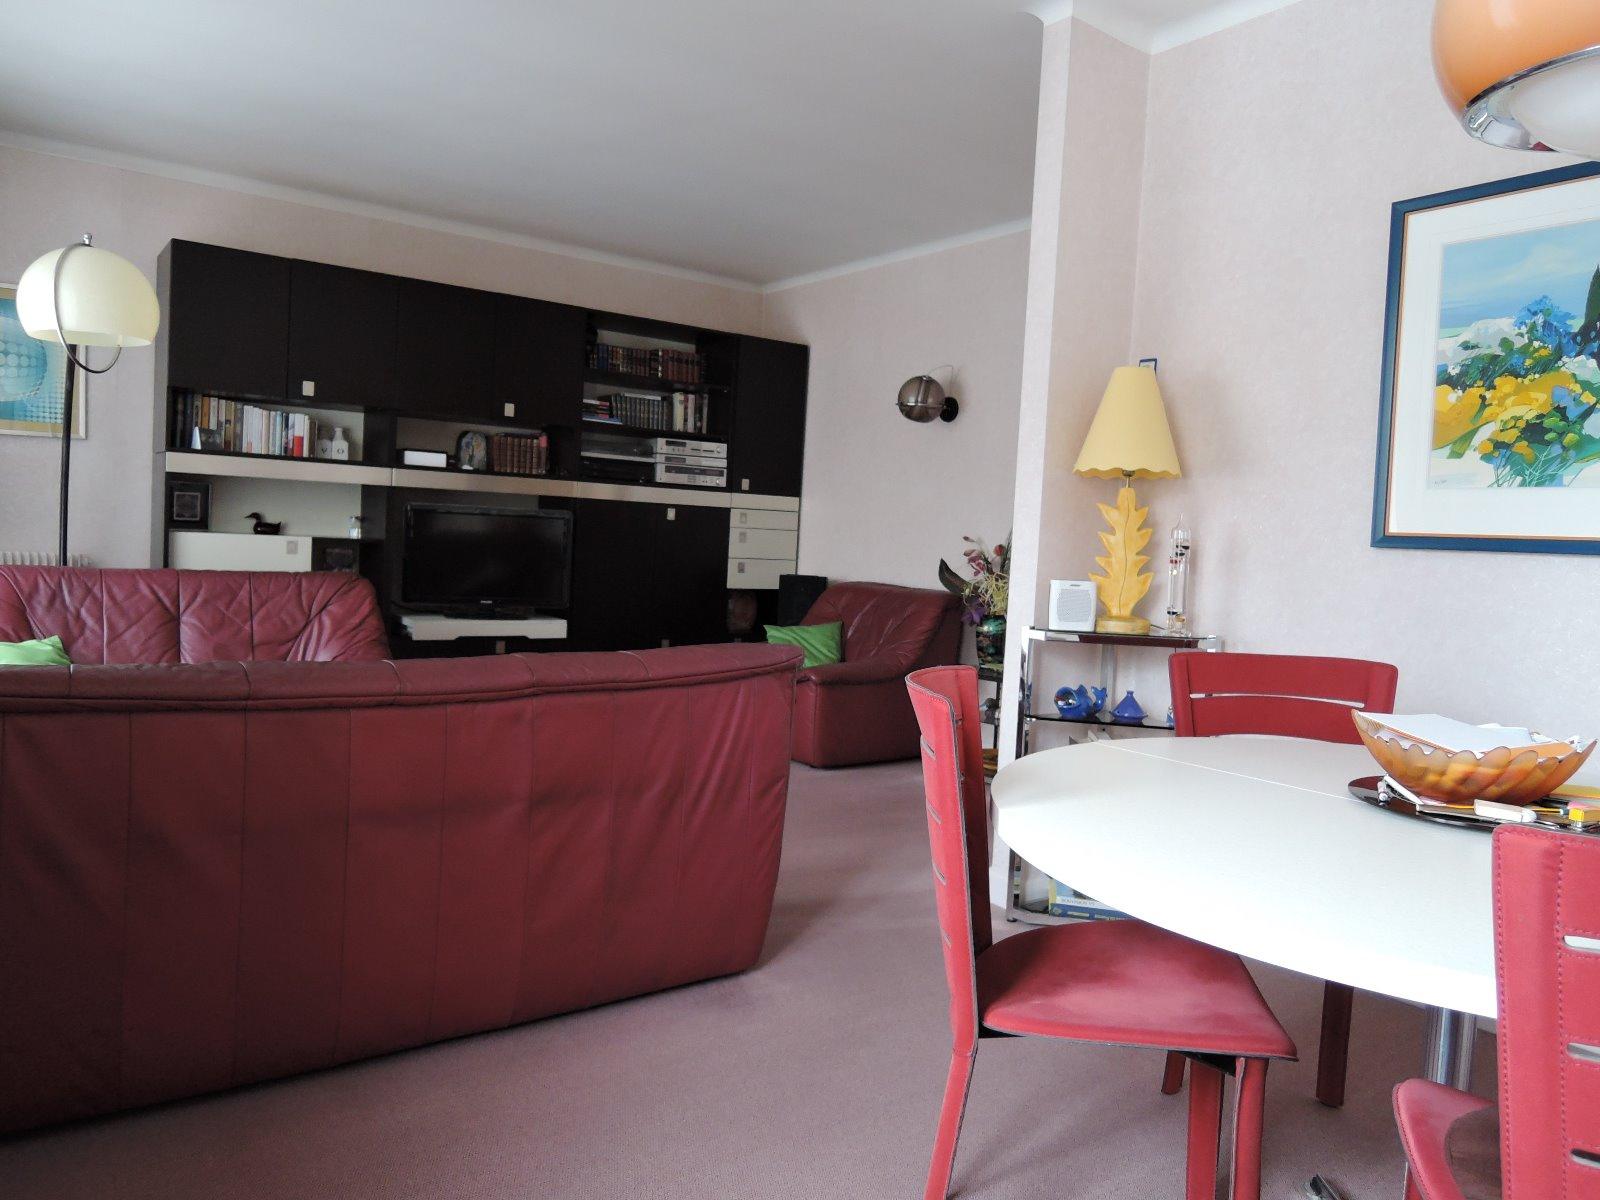 vente maison en parfait tat dans un secteur recherch valentigney. Black Bedroom Furniture Sets. Home Design Ideas